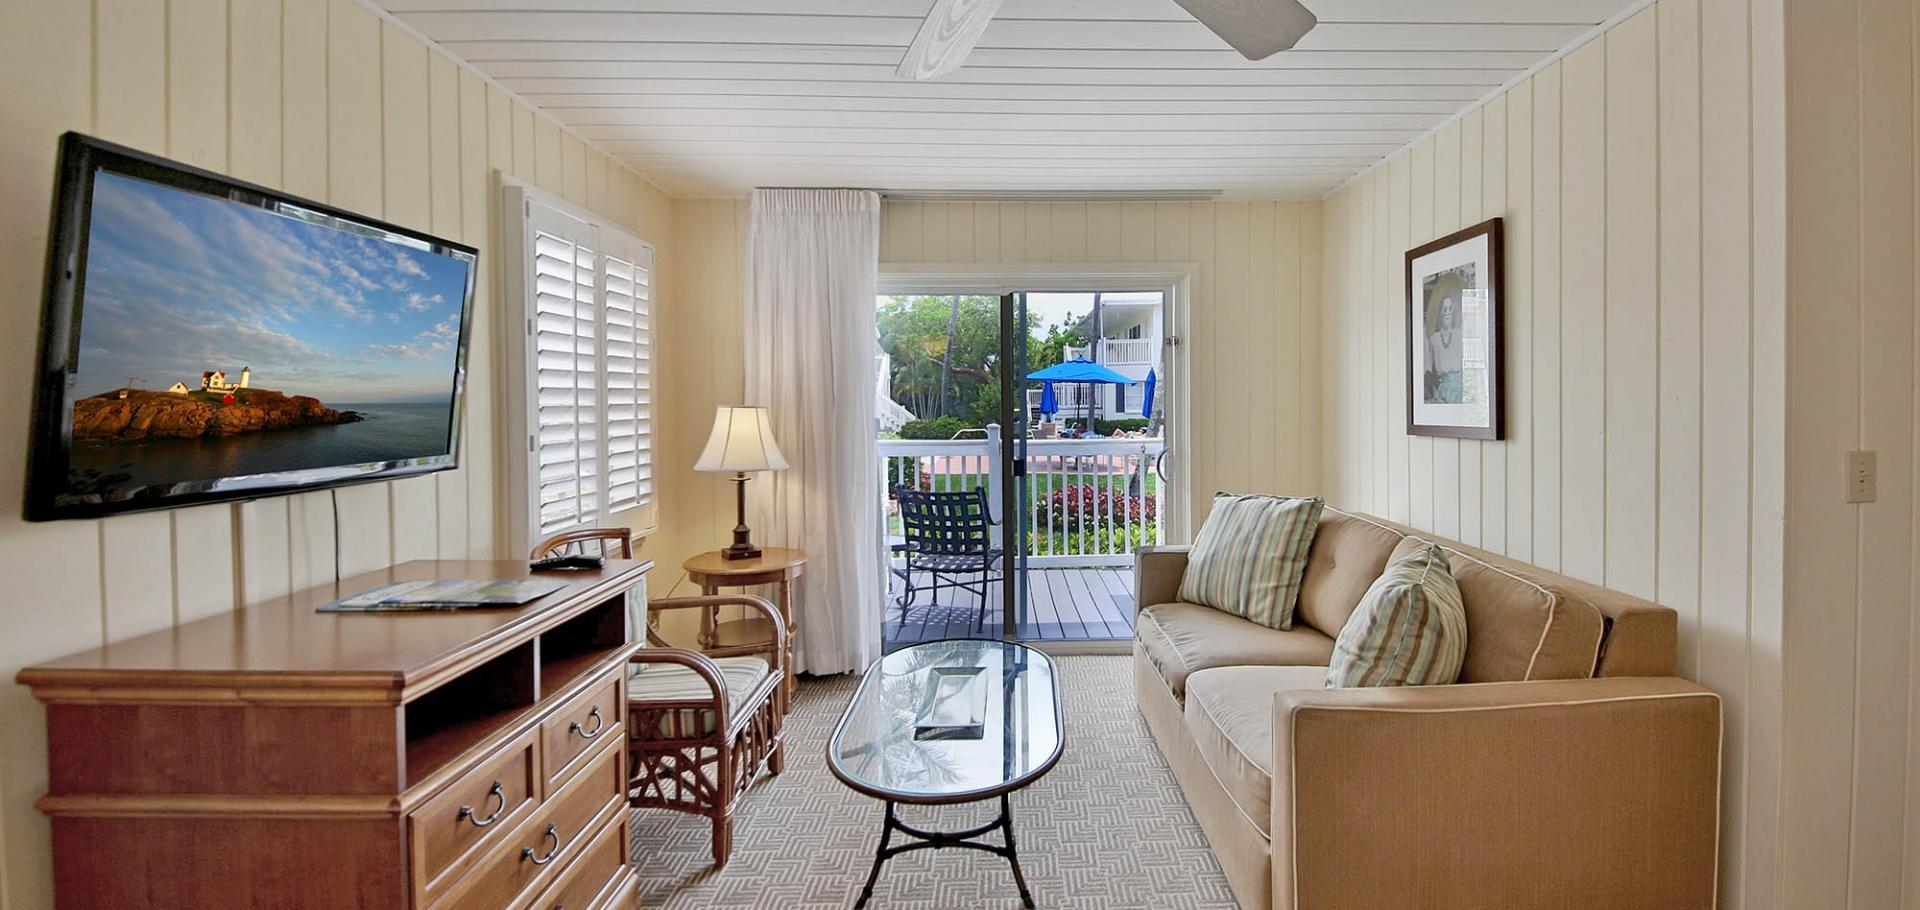 Seaside Inn living area